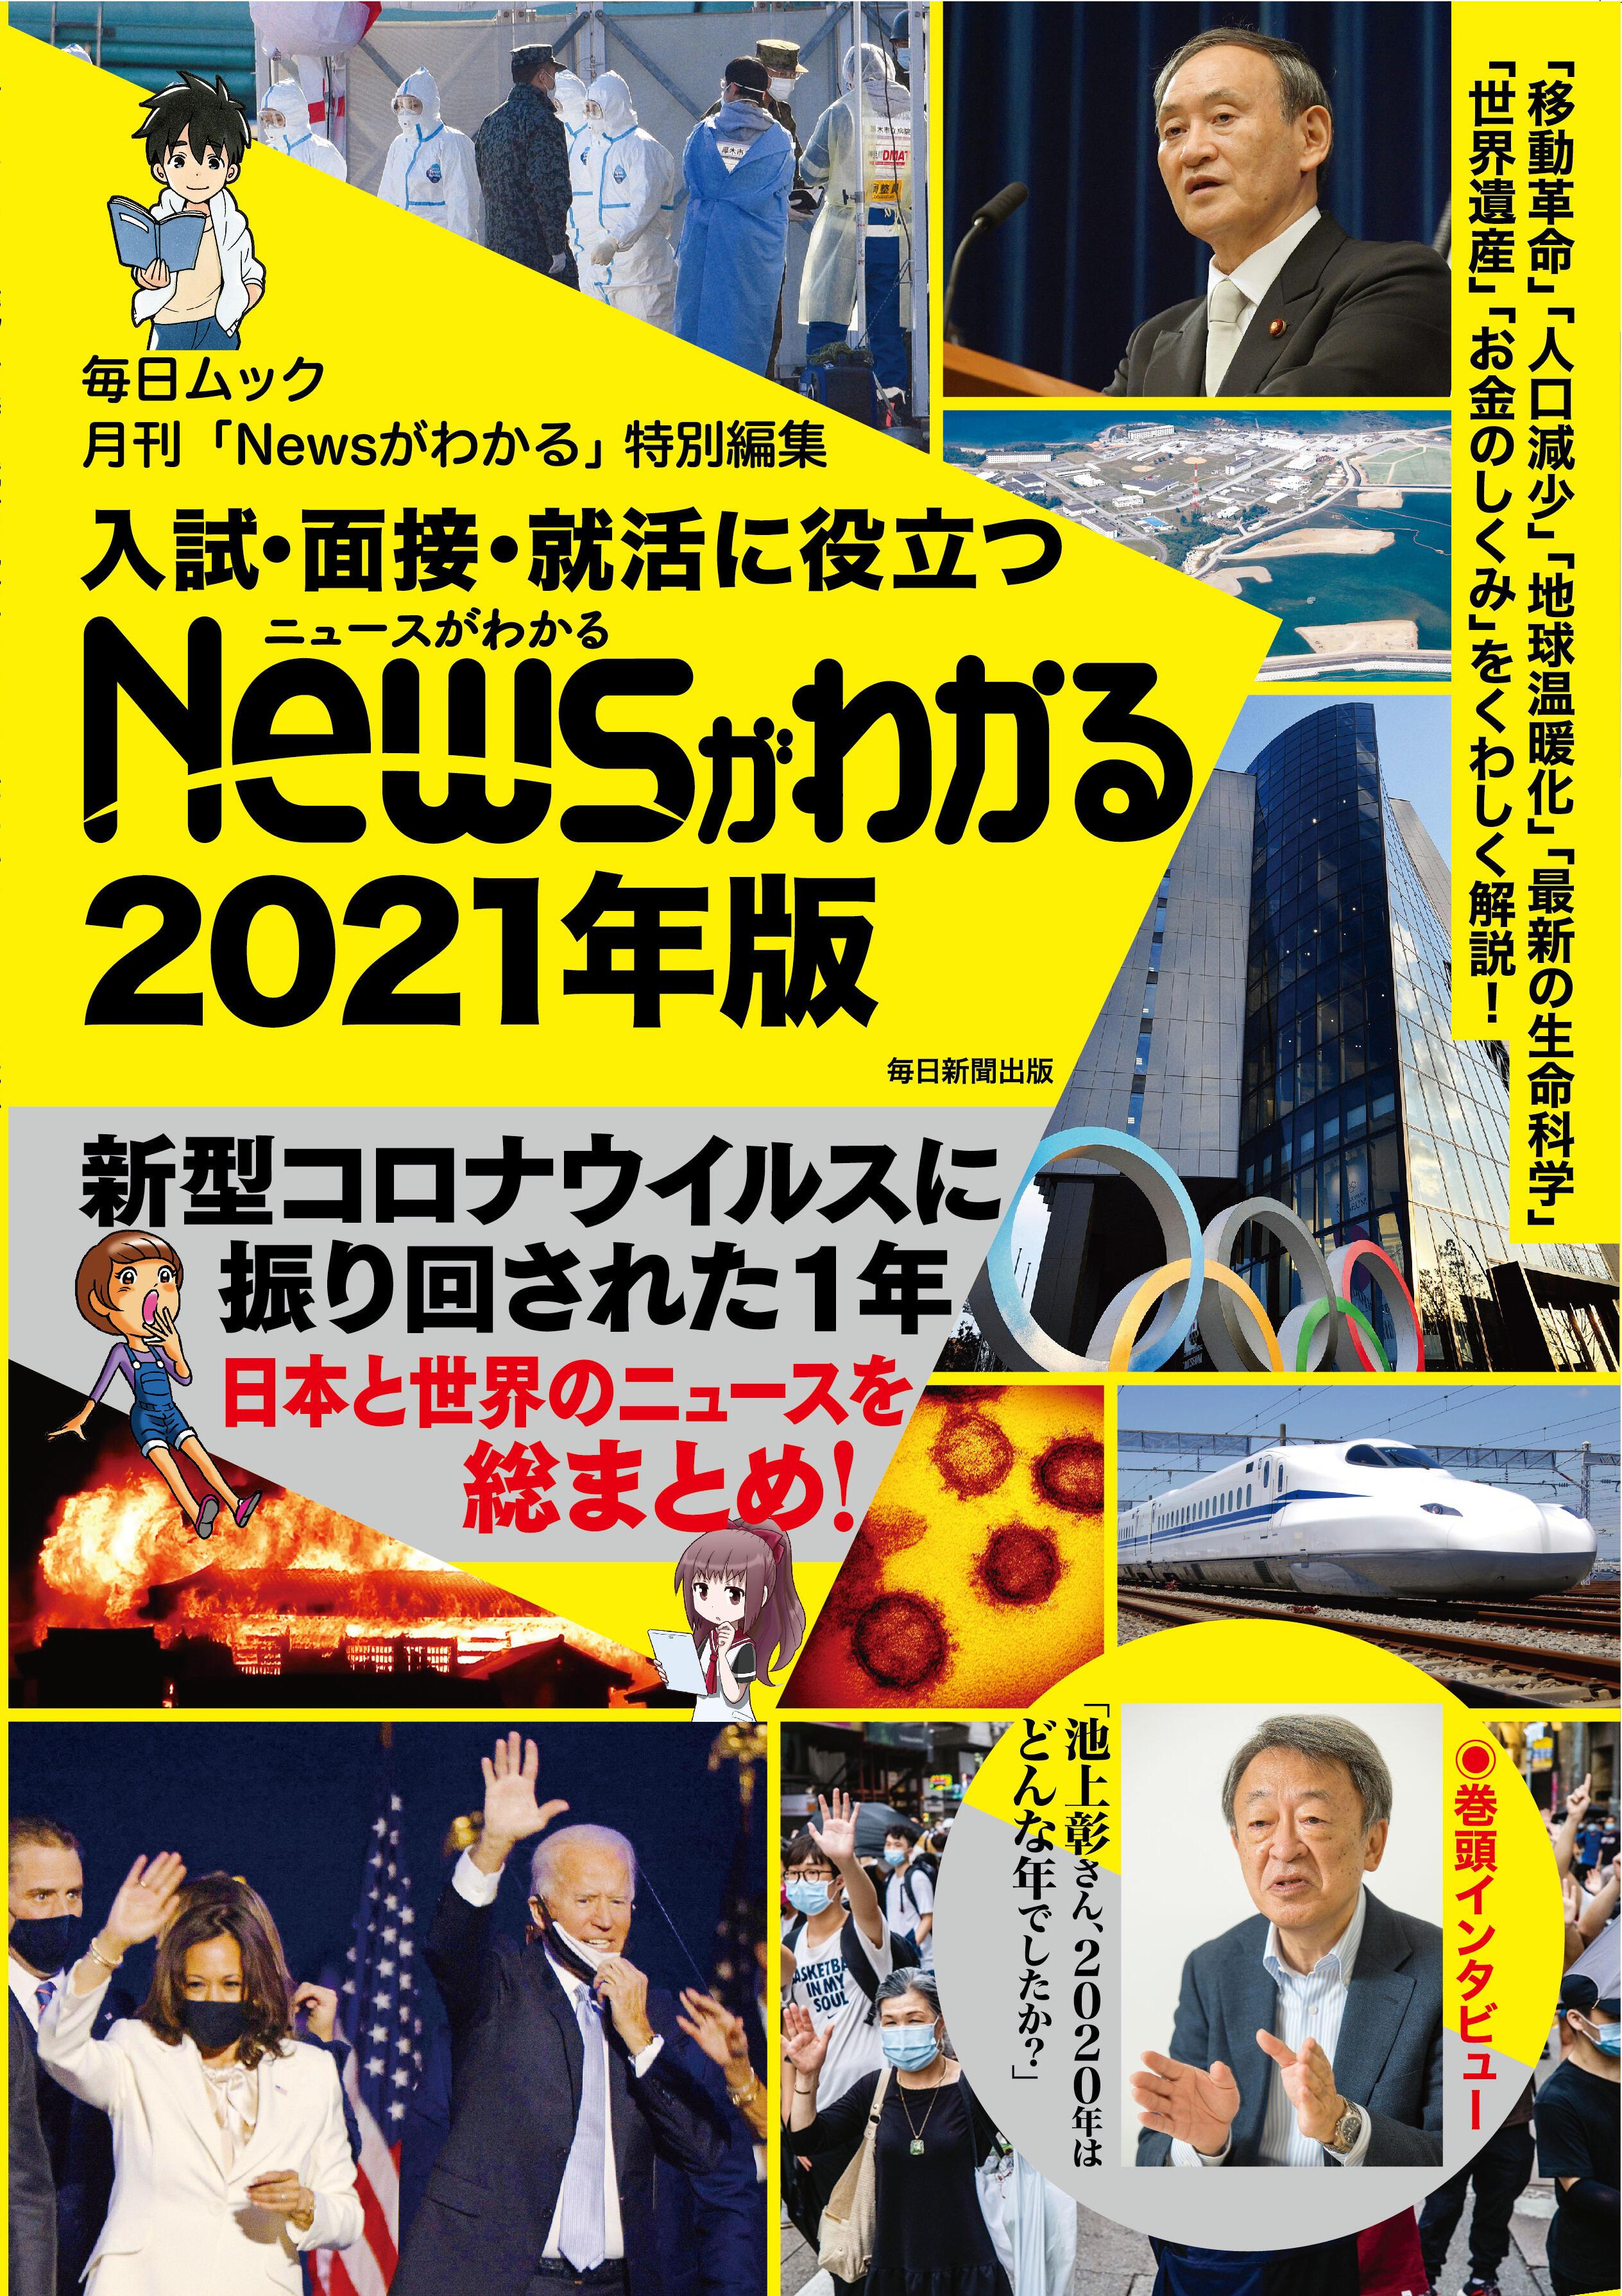 書影:毎日ムック 入試・面接・就職に役立つ「Newsがわかる」2021年度版